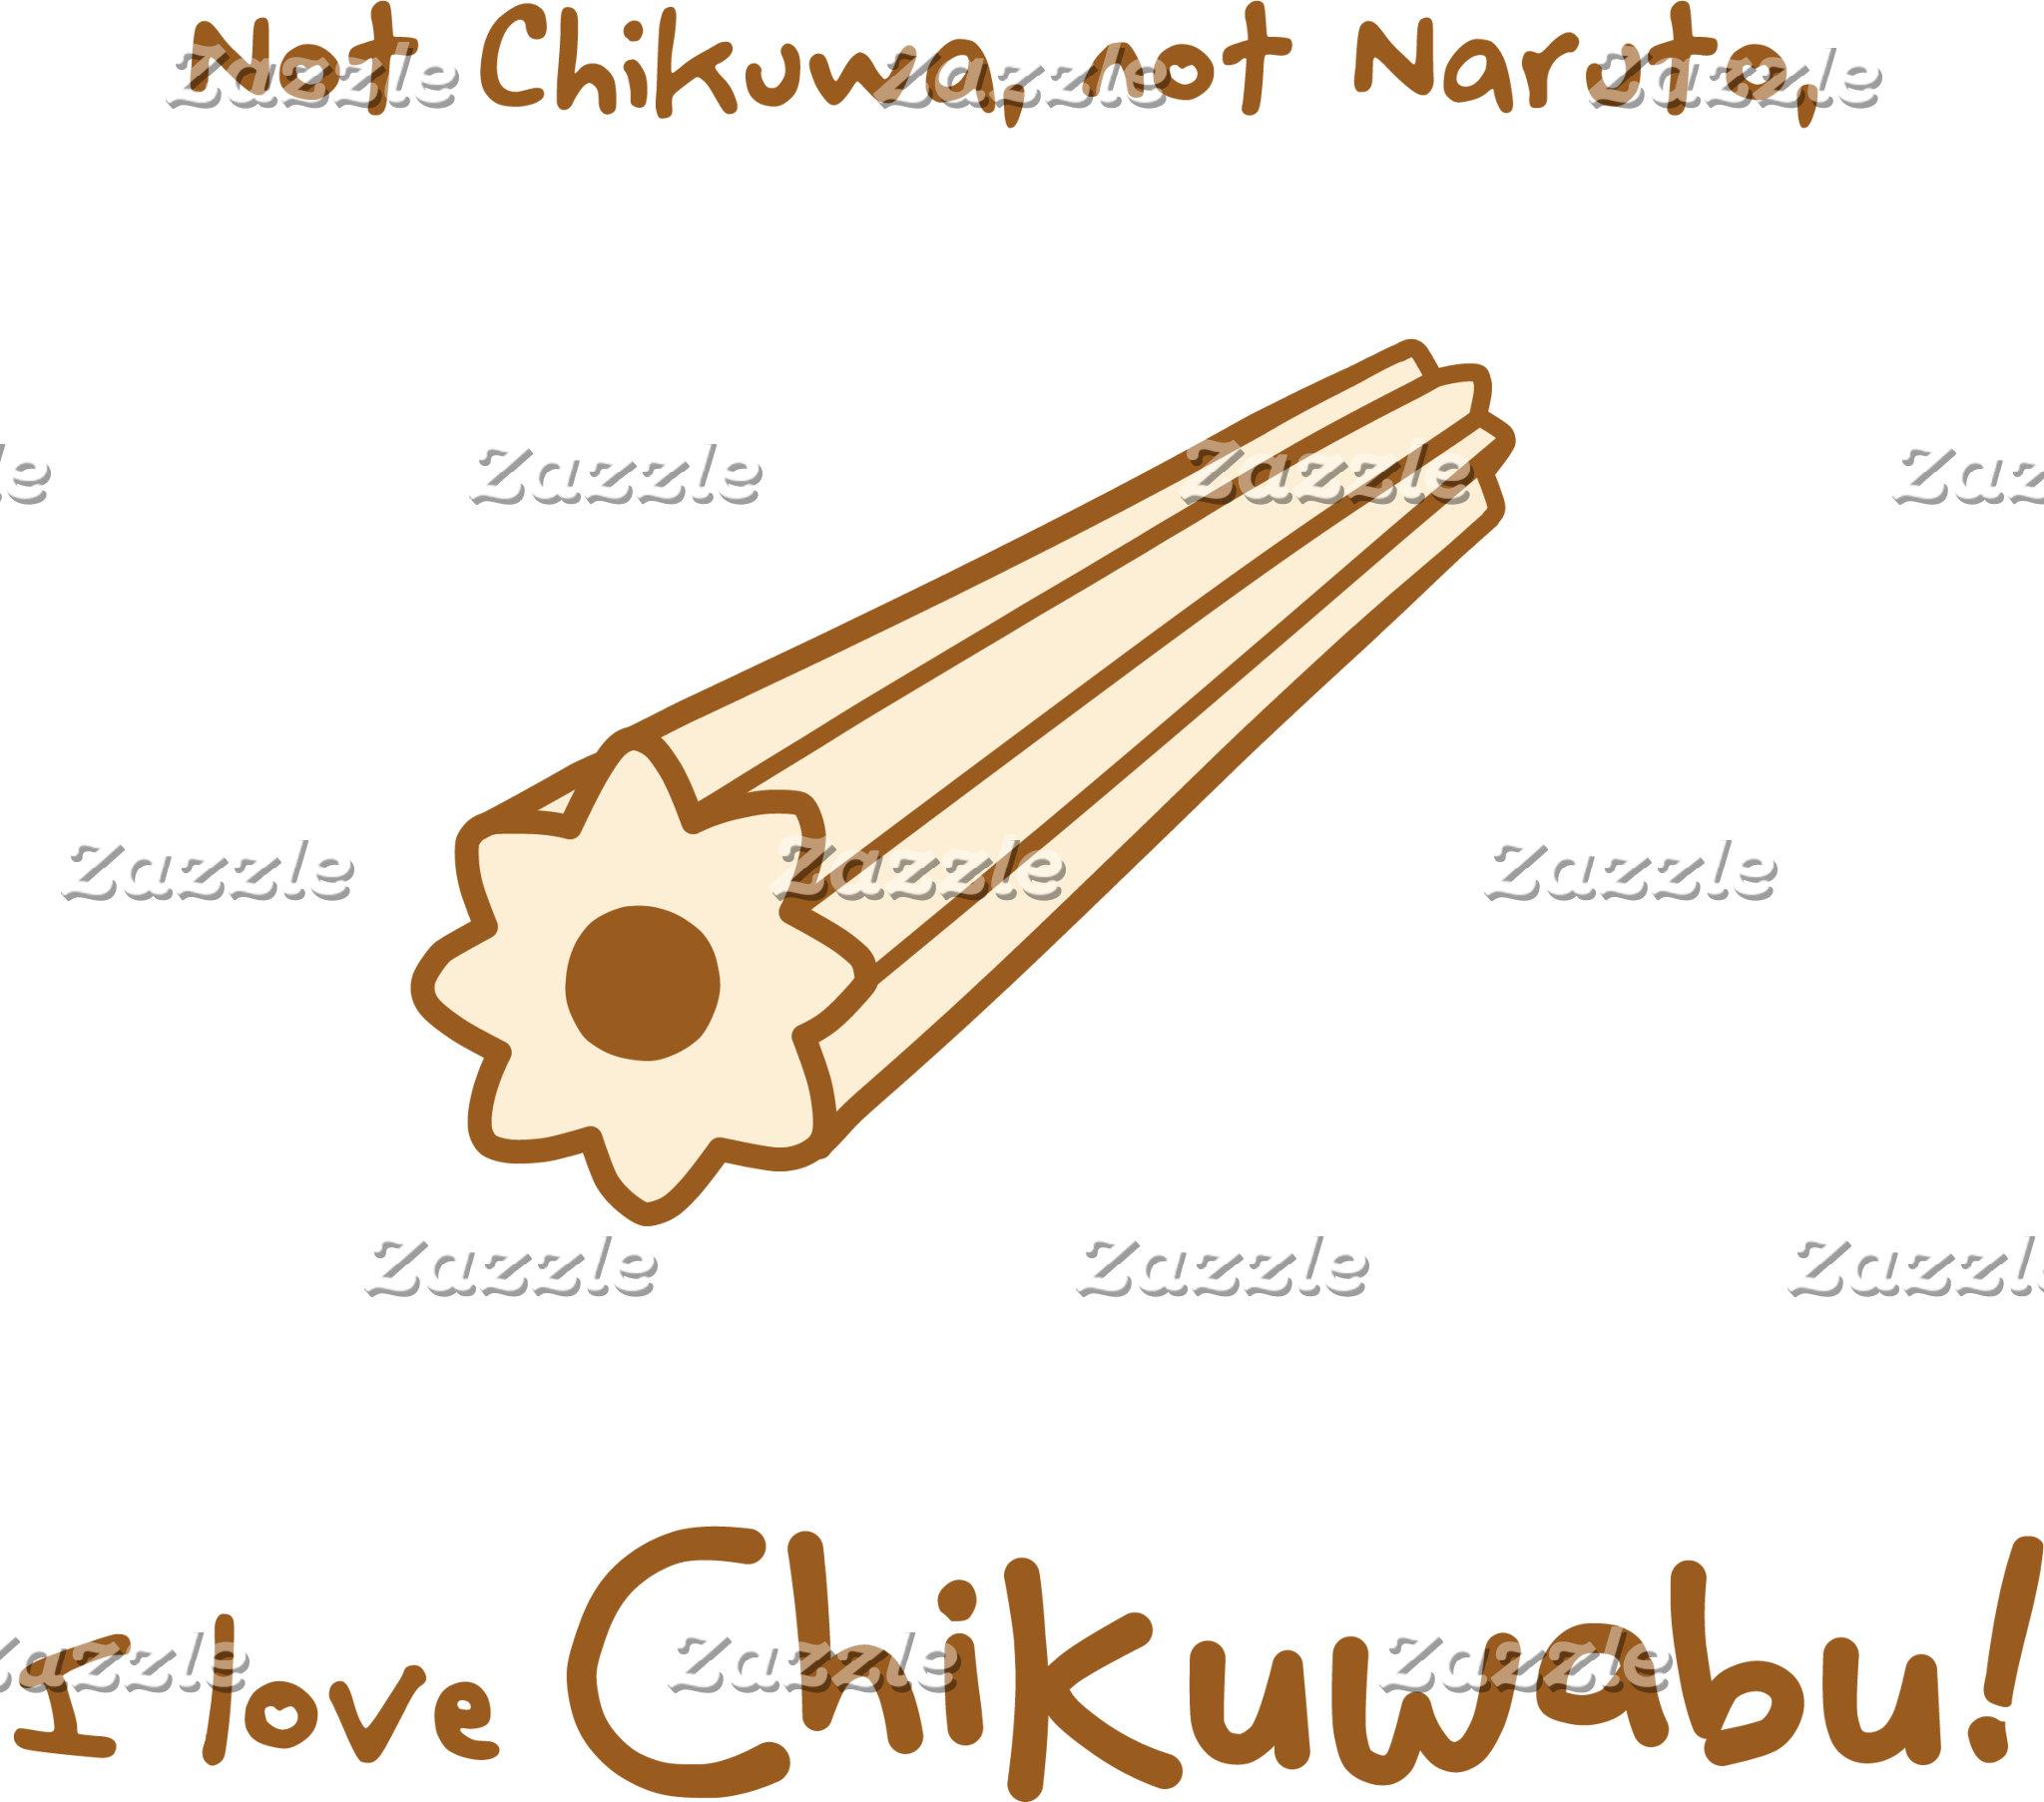 【ちくわぶ(カラー)】 Chikuwabu